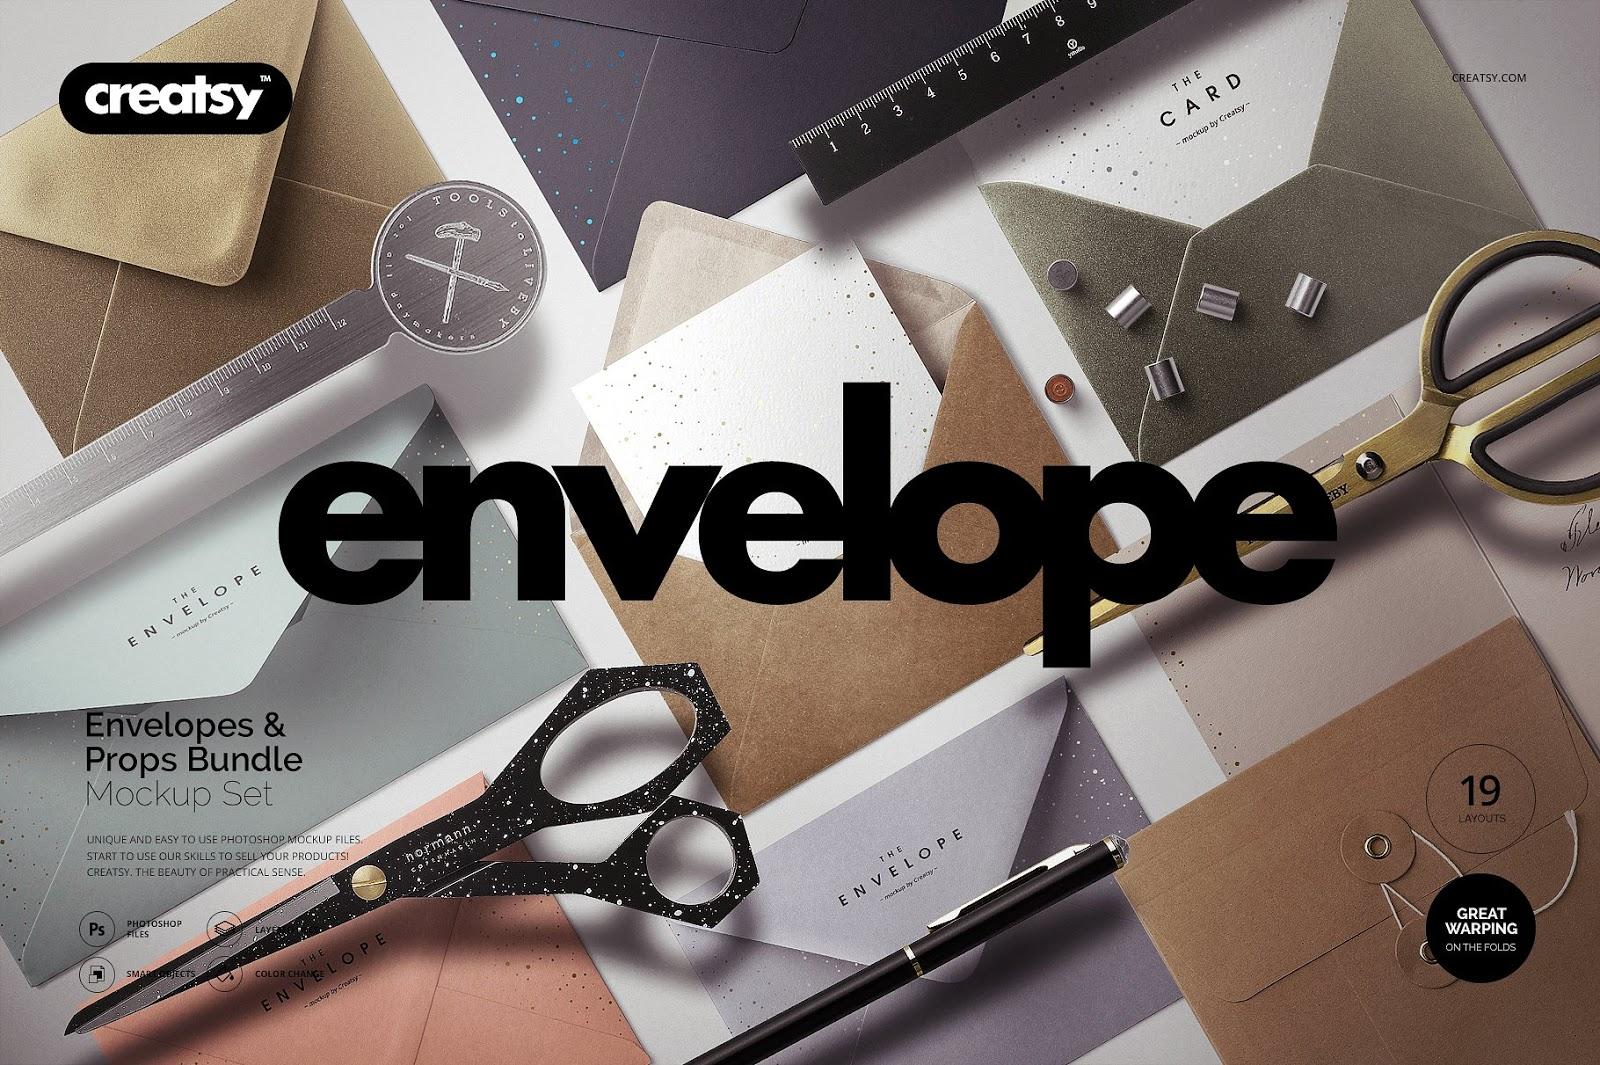 Envelopes Mockup Set with Props